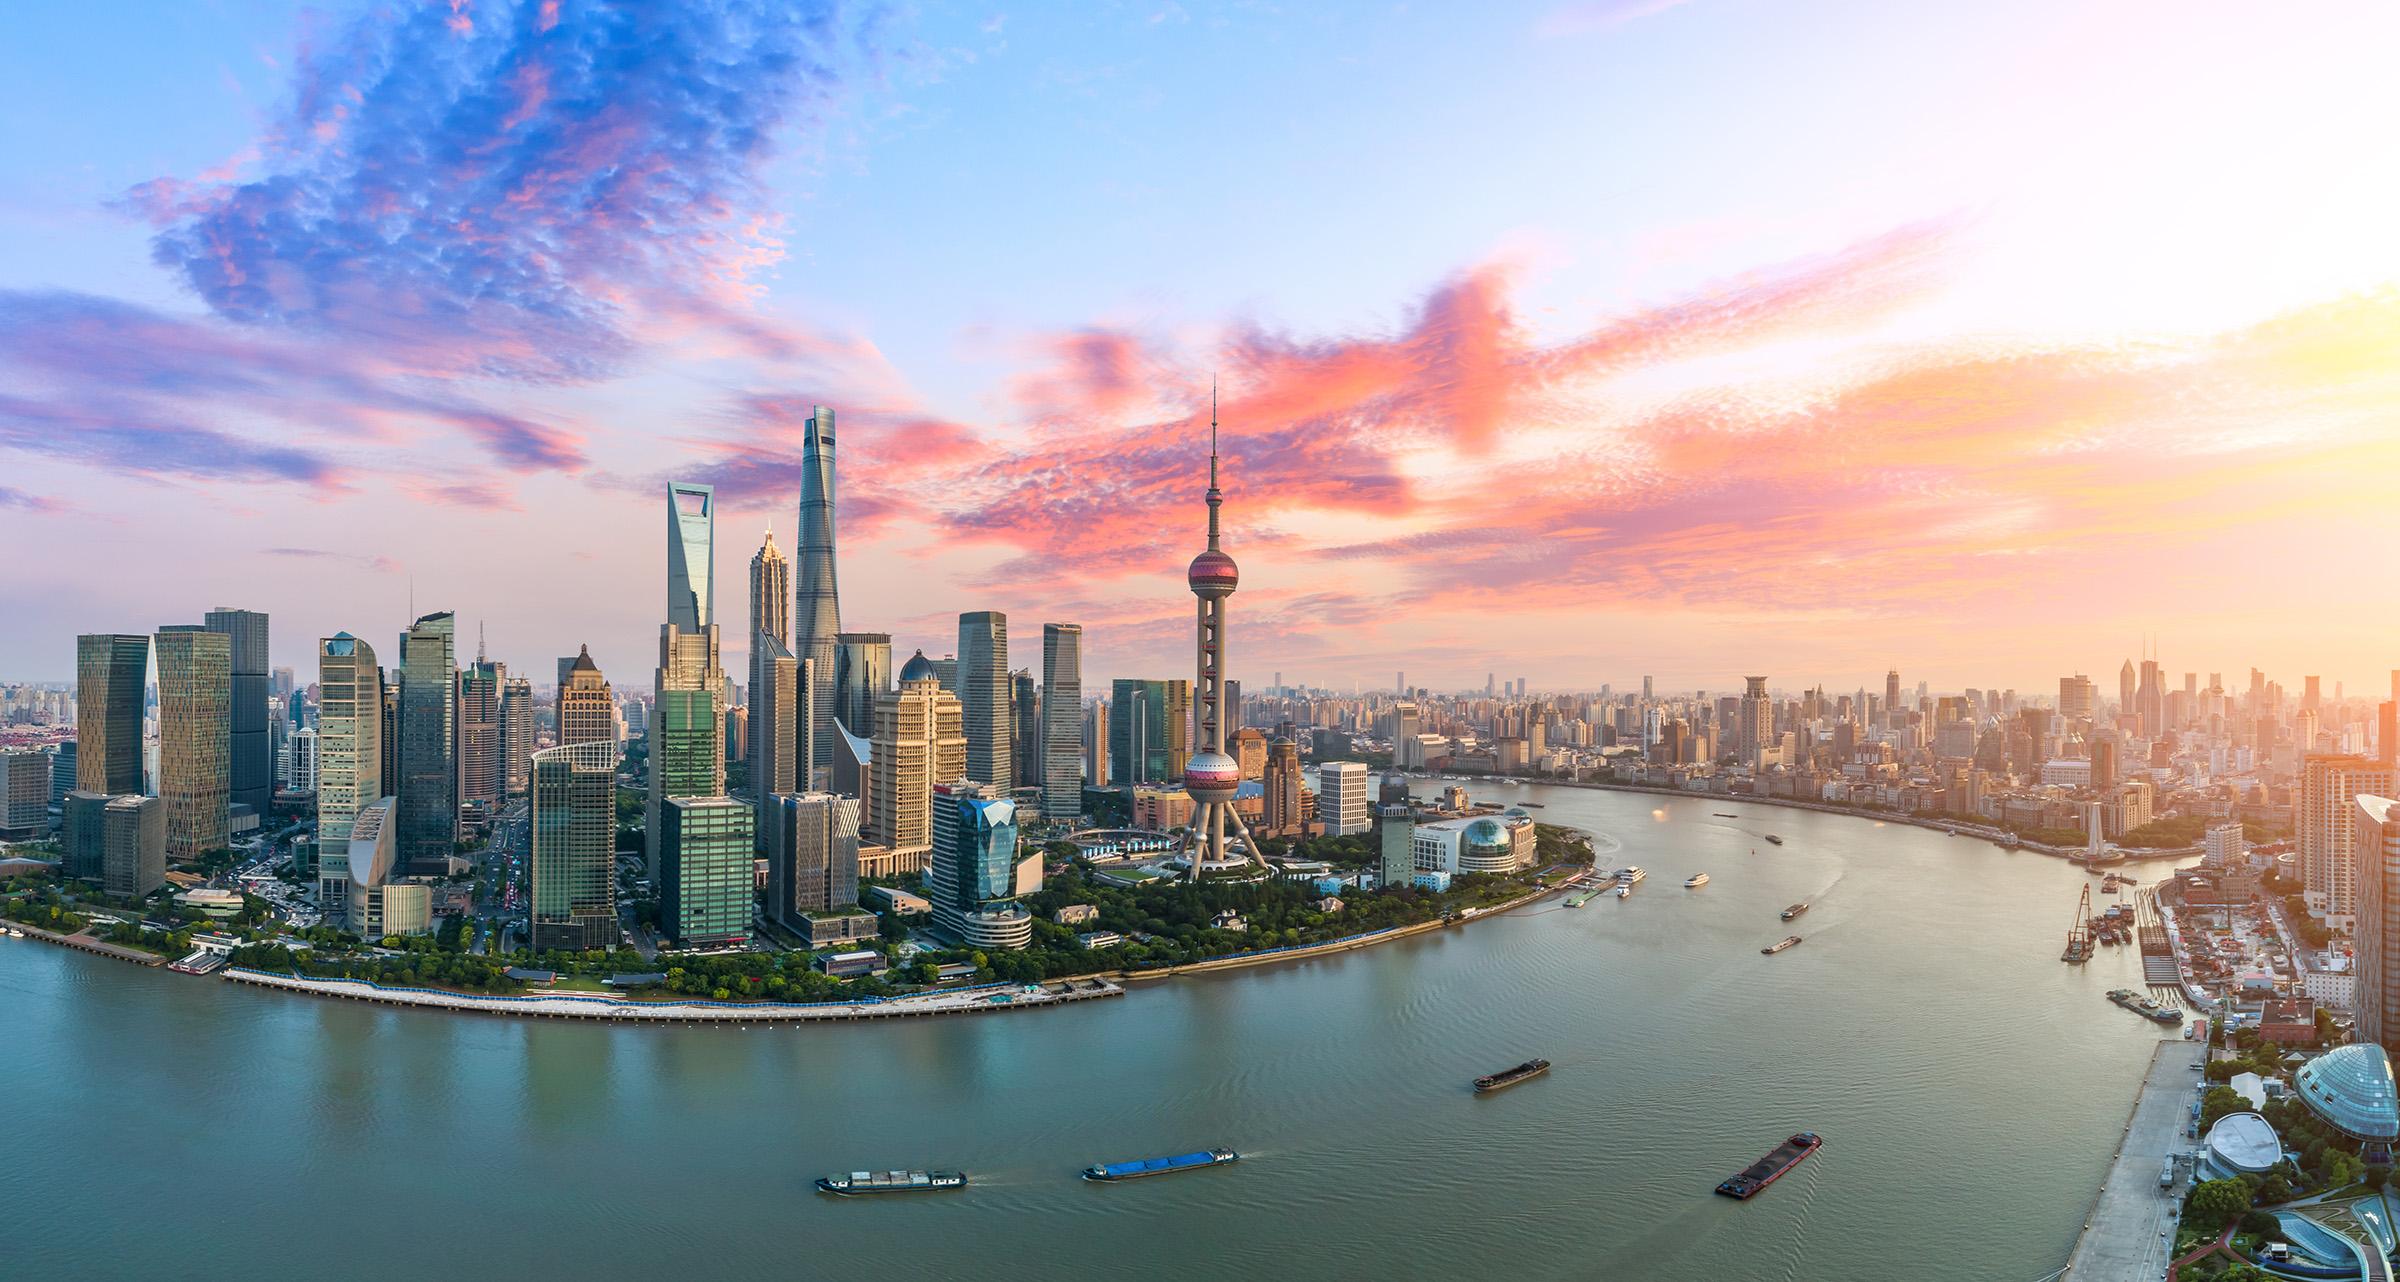 上海、オンライン経済発展案発表 無人工場、オンライン教育など